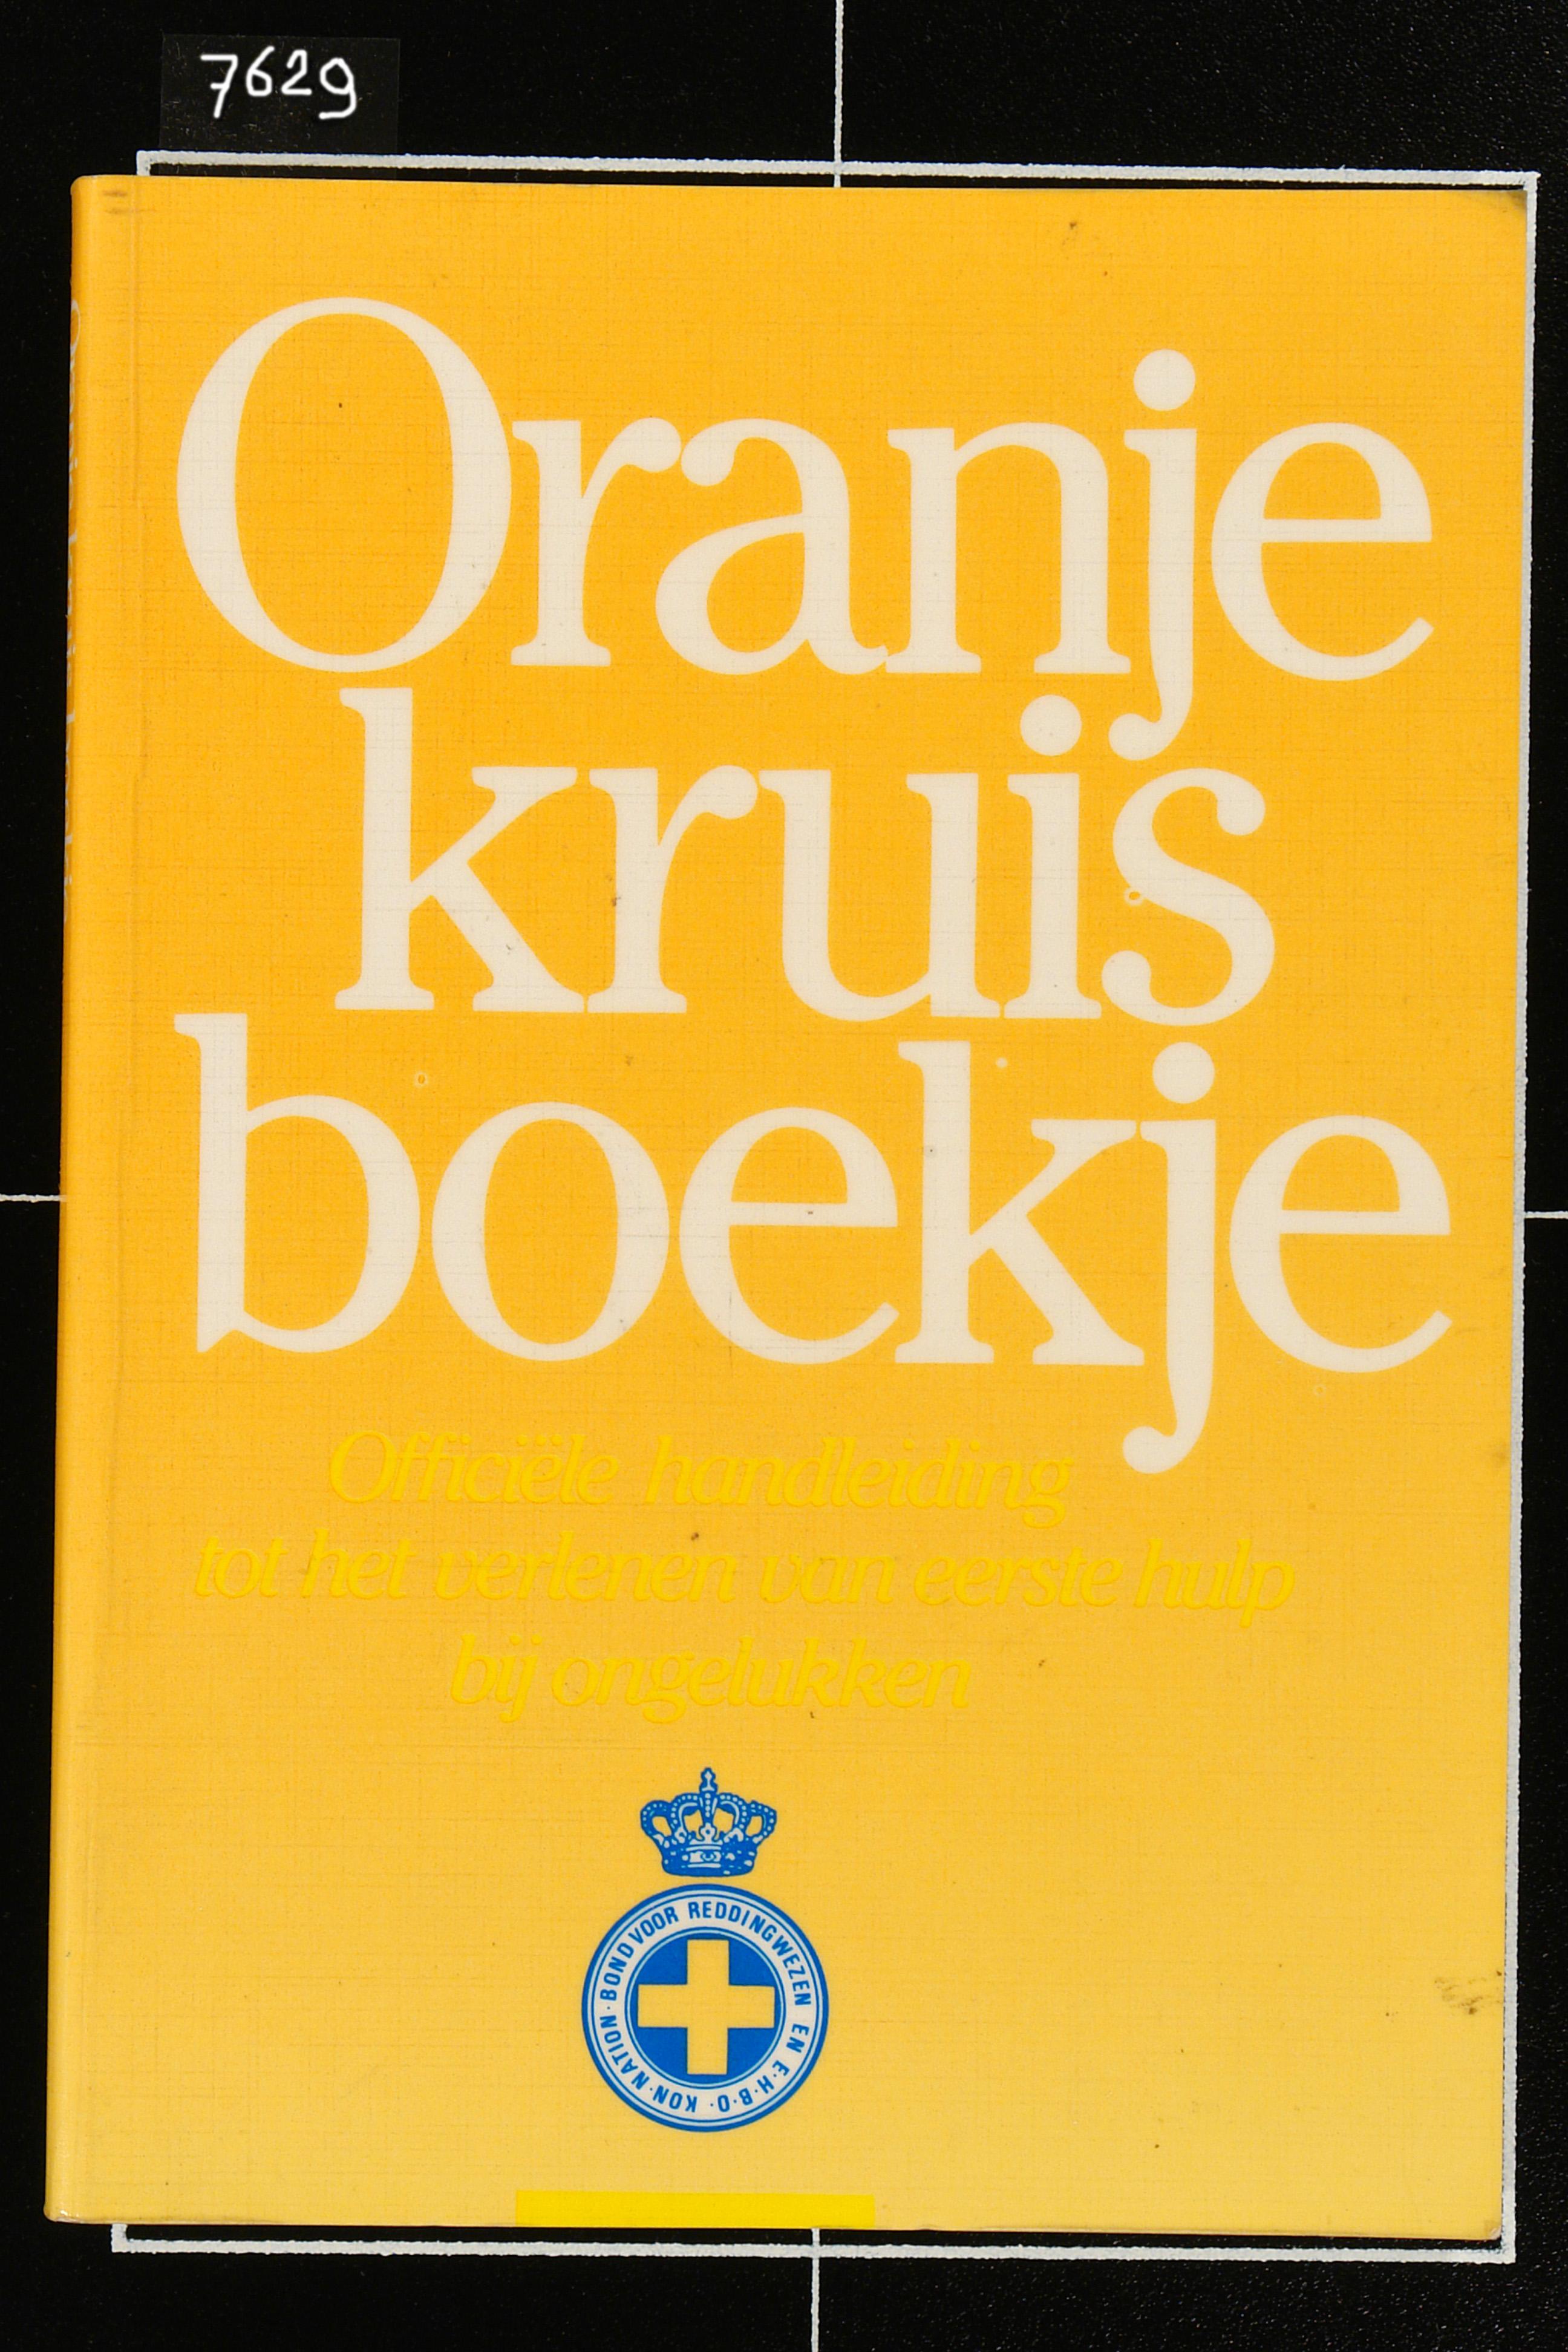 Boek. Oranje kruisboek, 1951